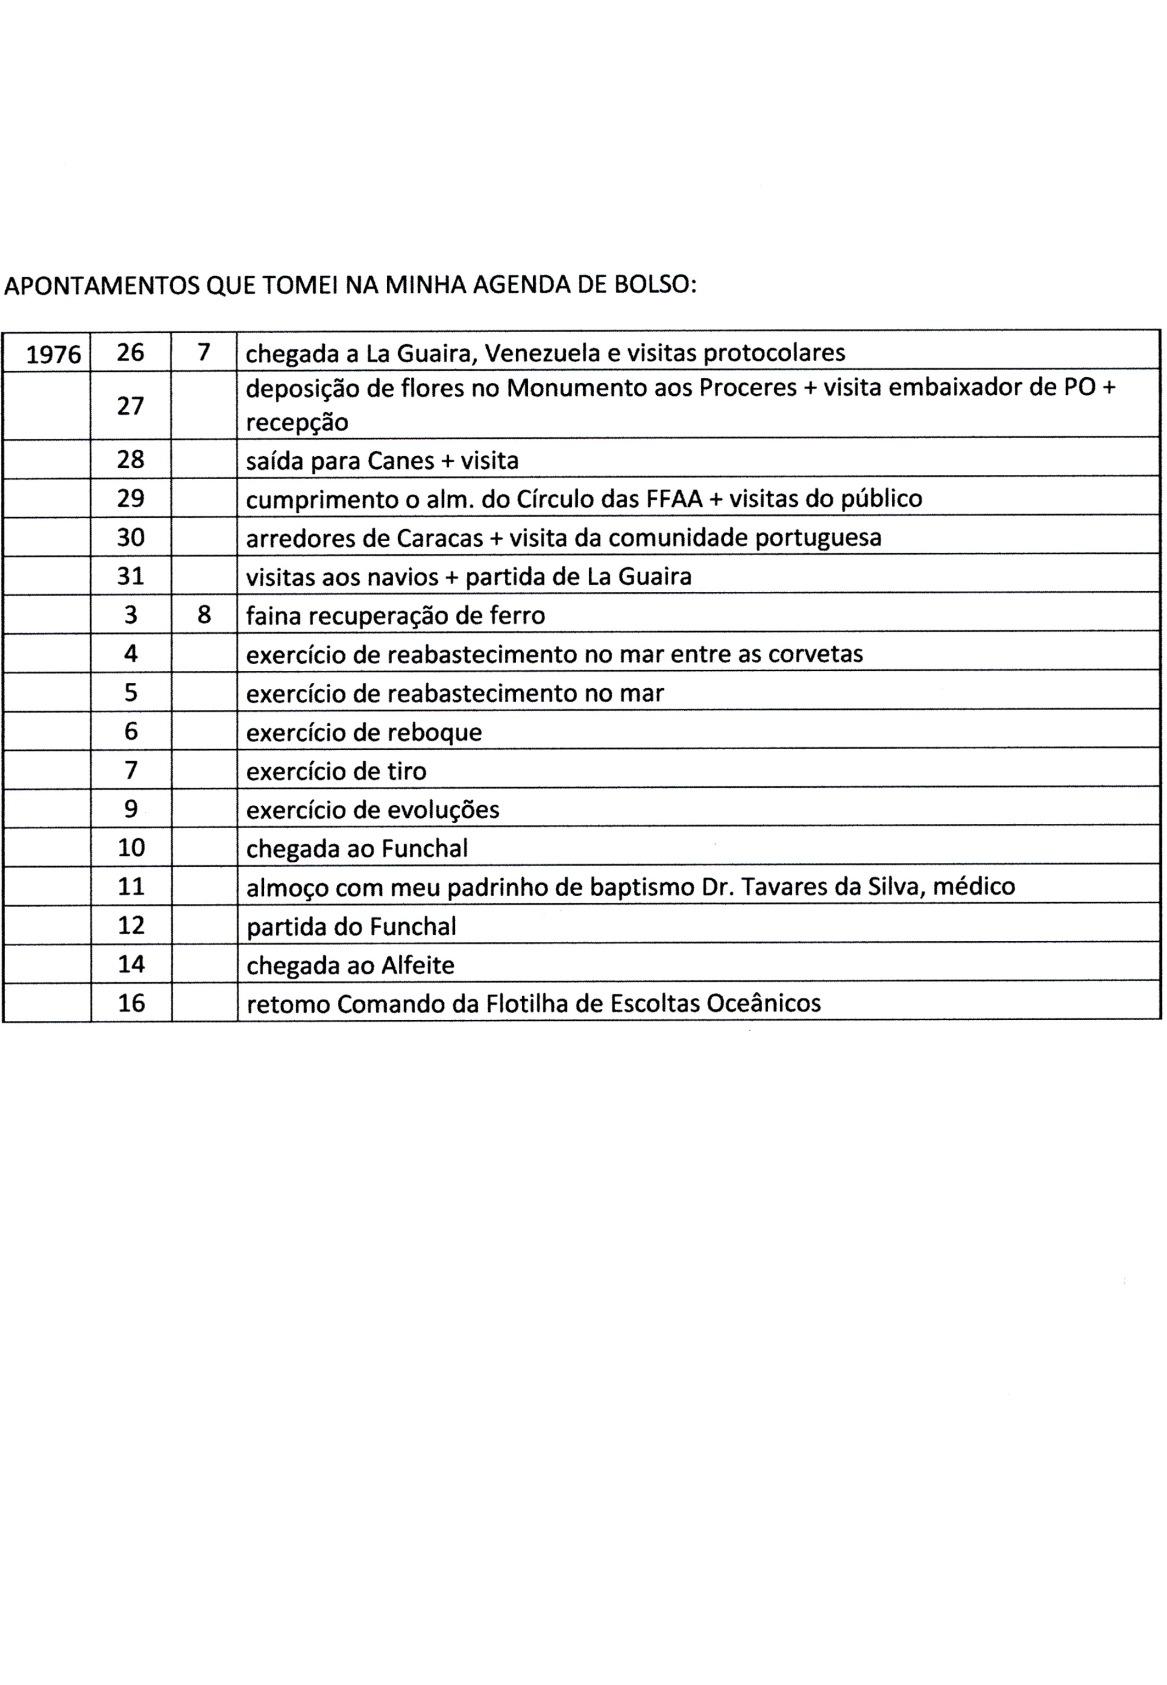 00760 976-07-26 Movimentos entre Venezuela e Alfeite